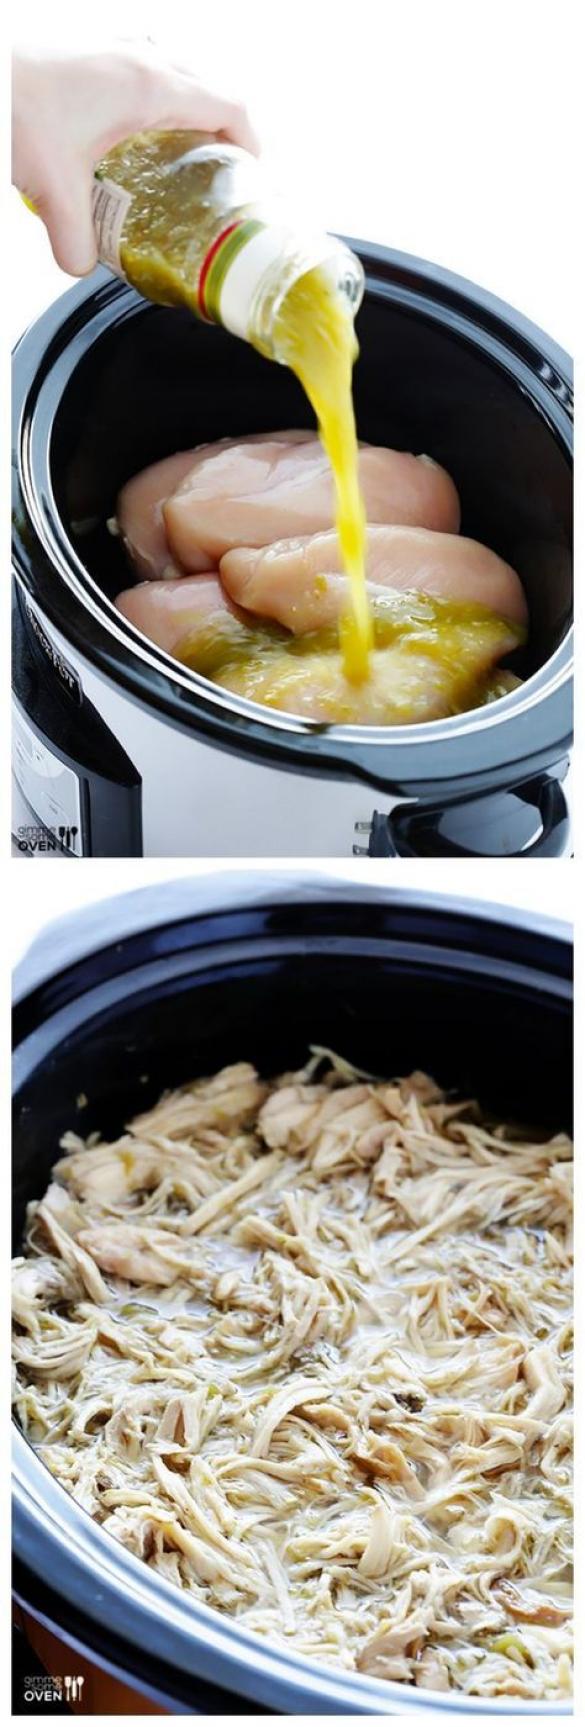 4ingredient slow cooker salsa verde chicken  full of